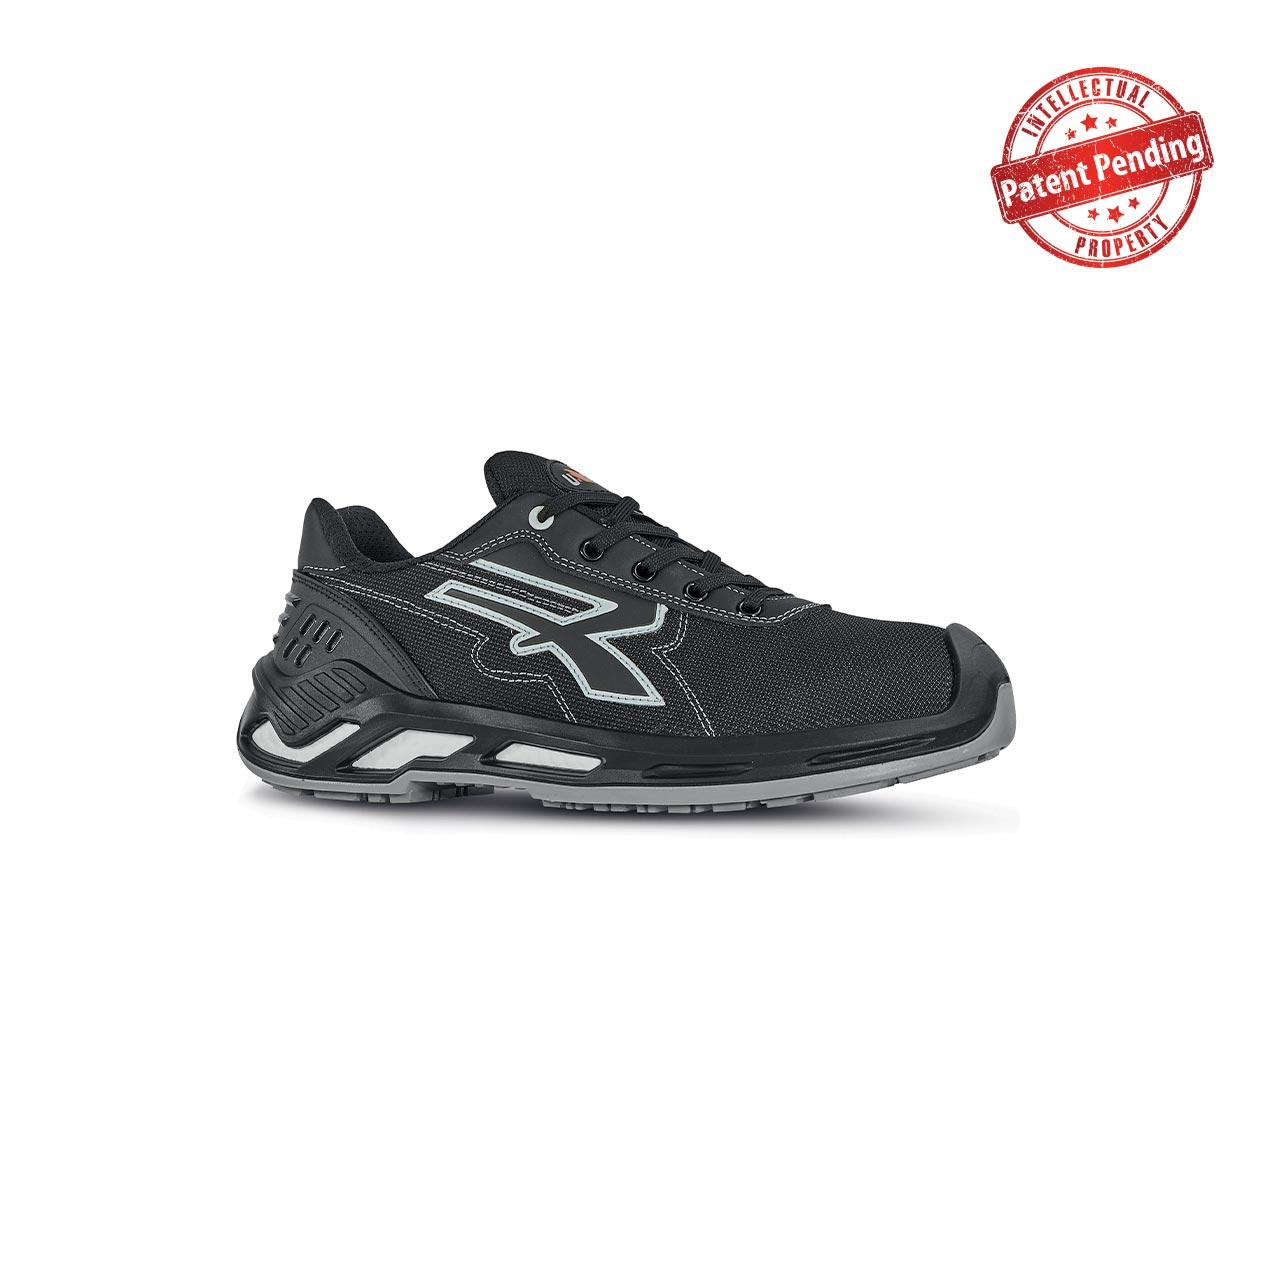 scarpa antinfortunistica upower modello zorbi linea red360 vista laterale